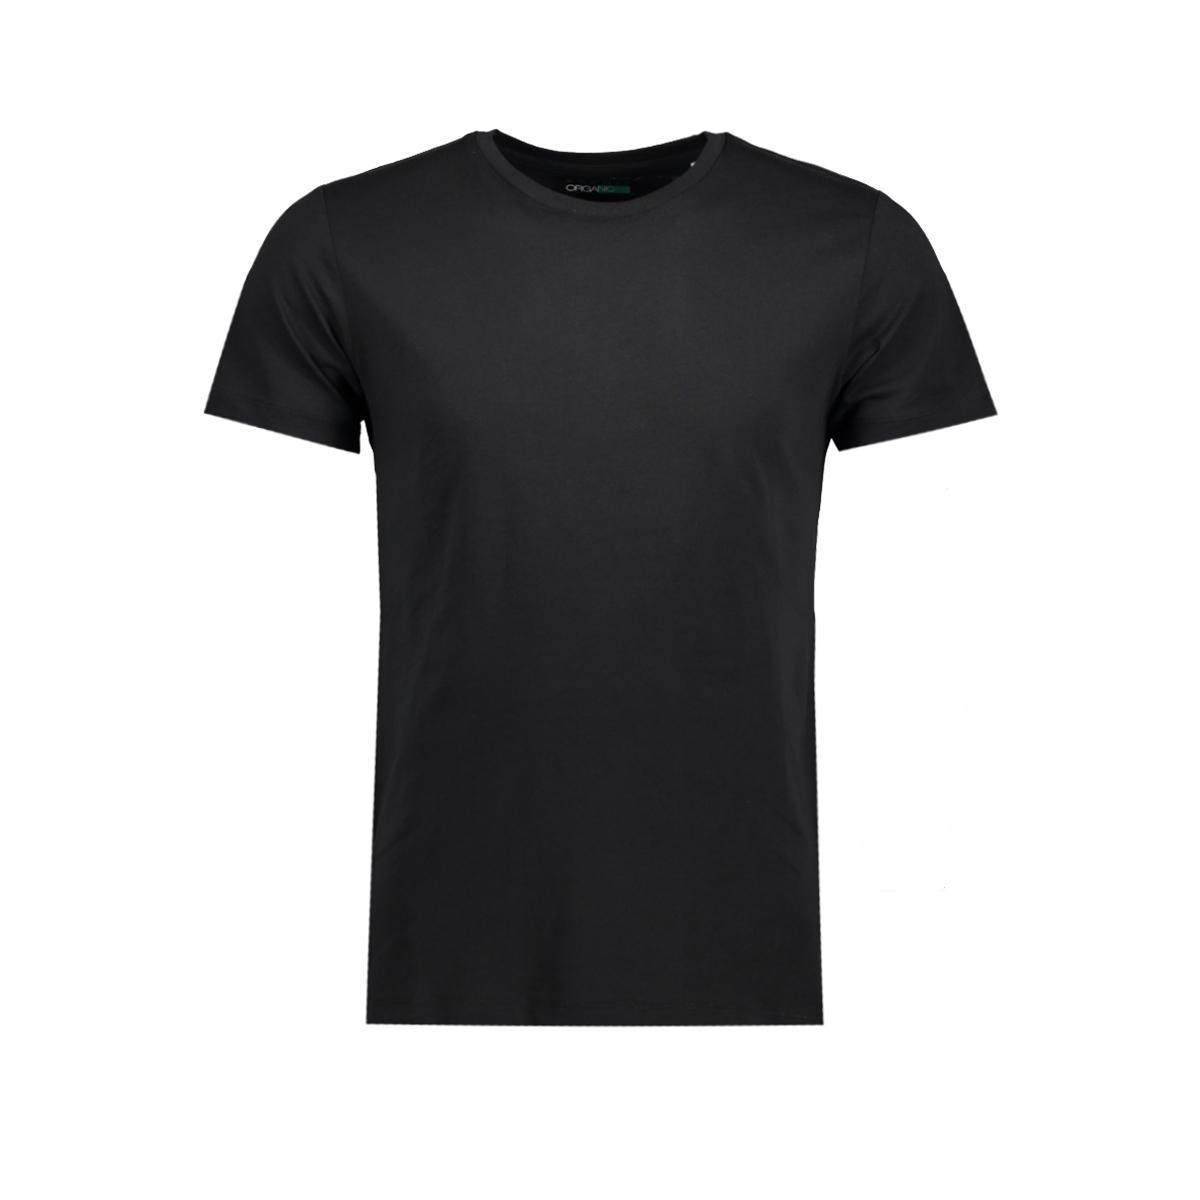 997ee2k819 esprit t-shirt e001